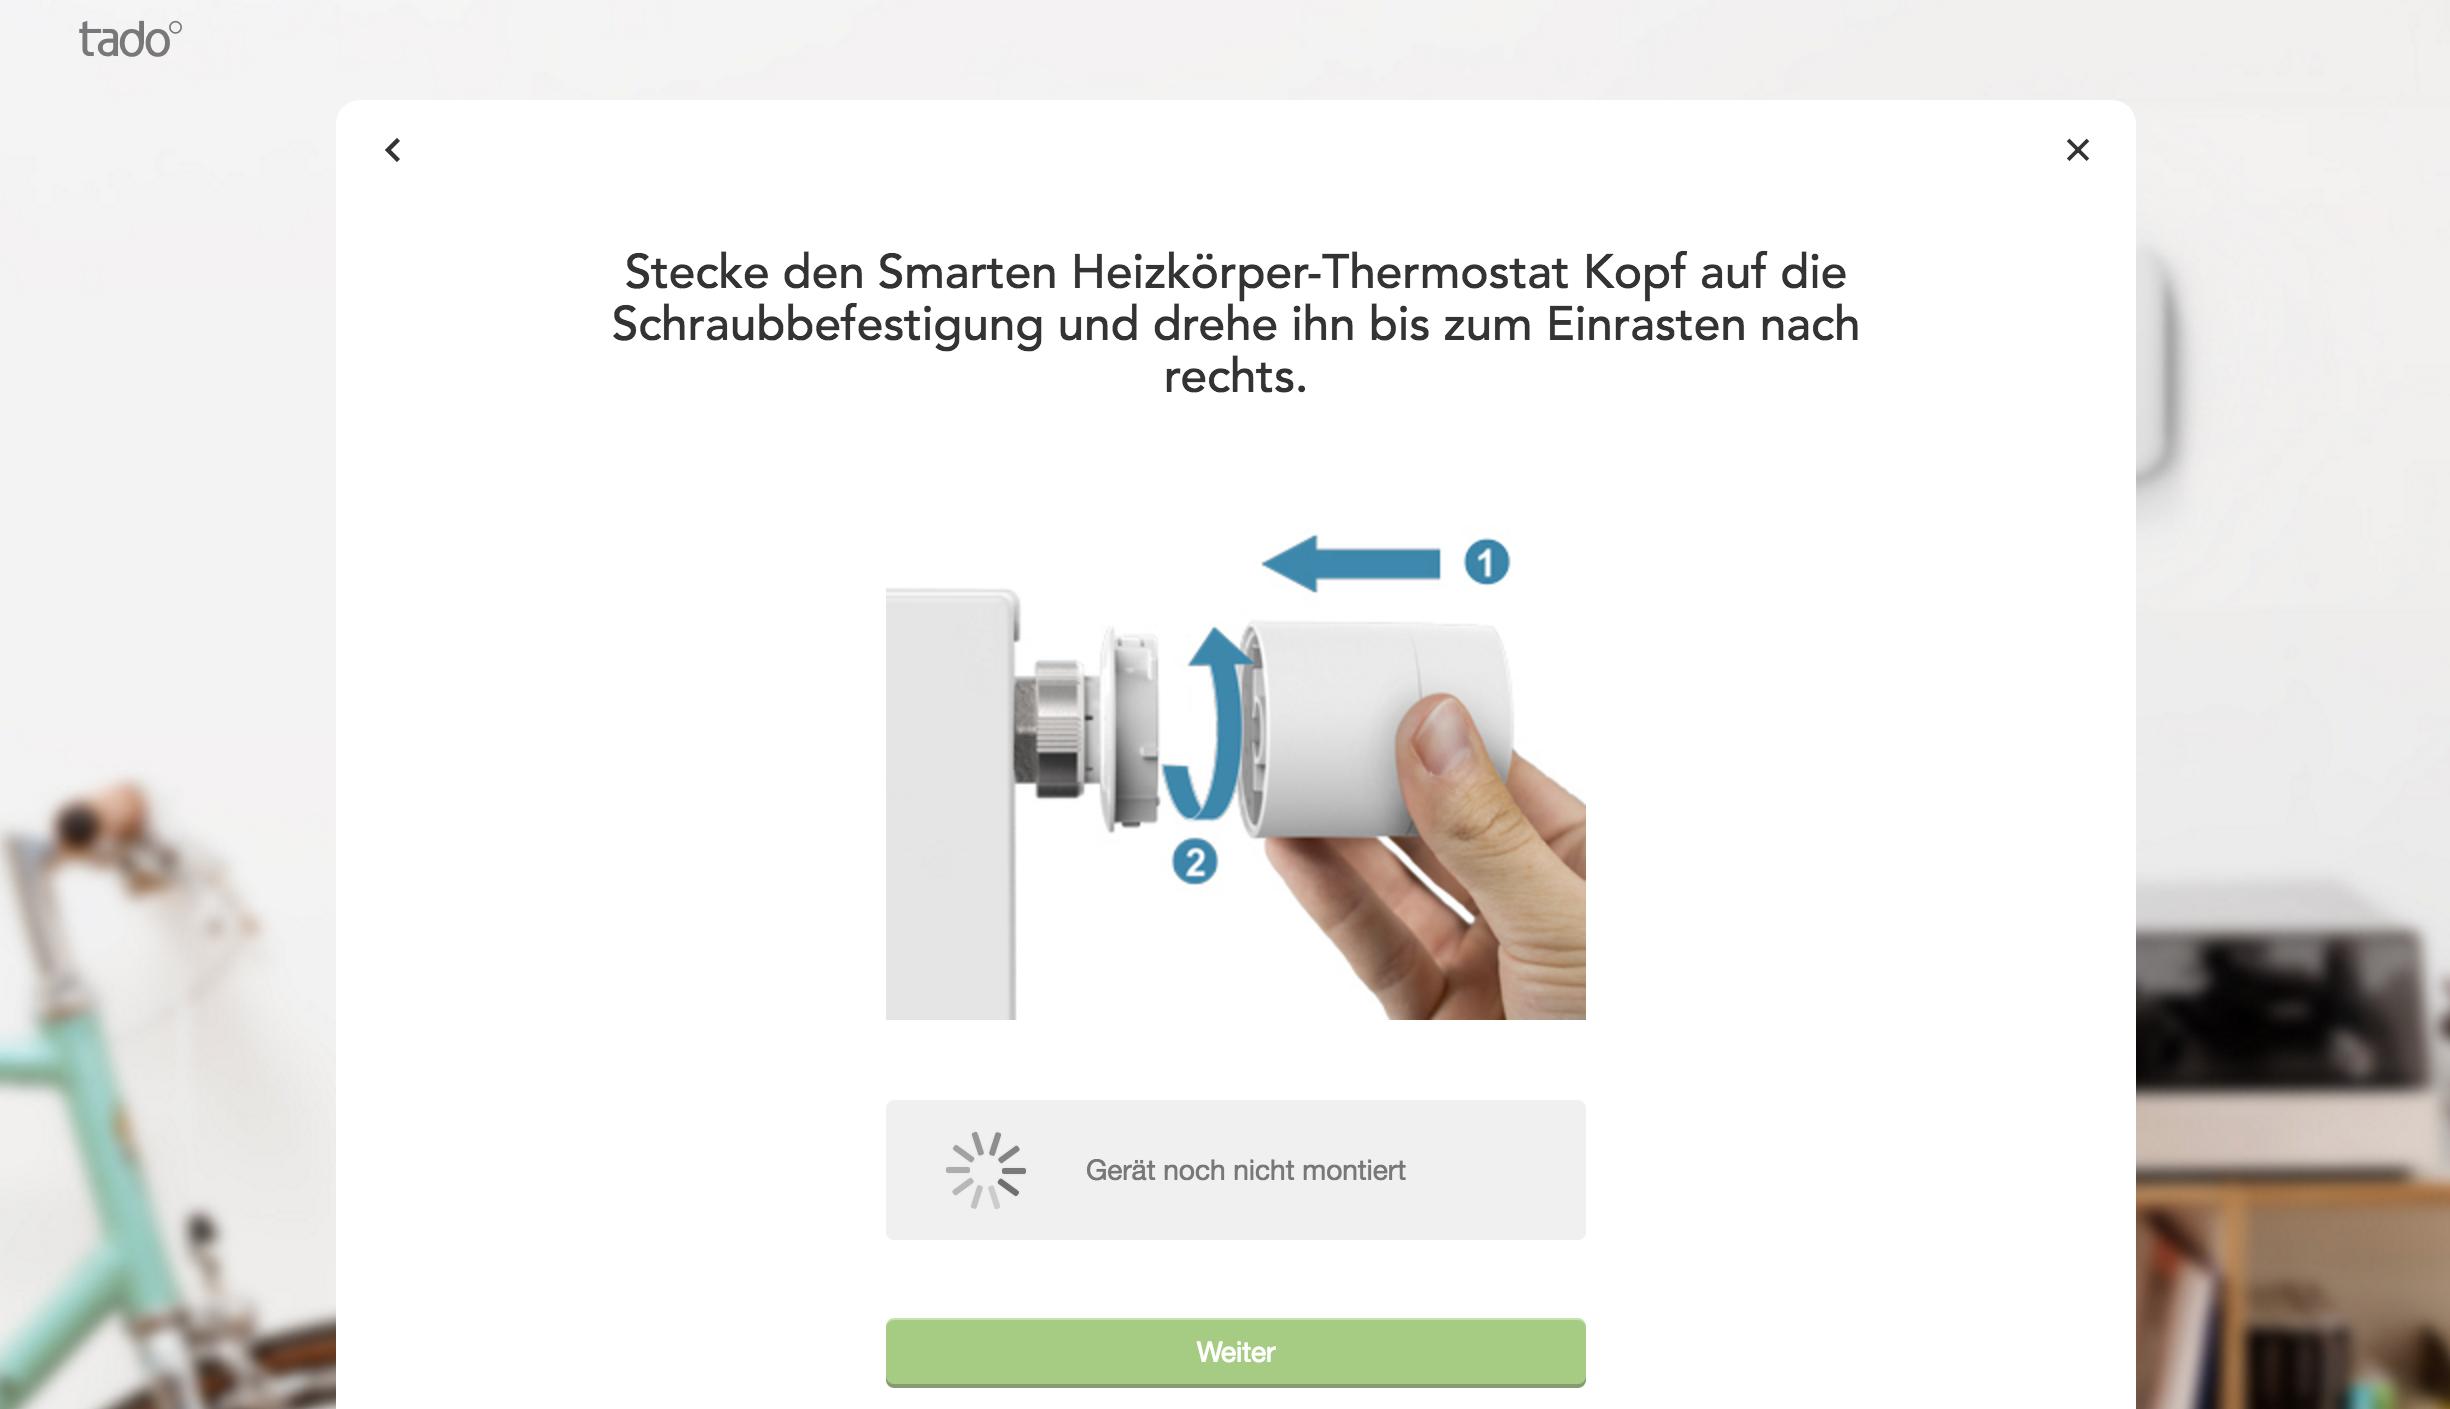 Werbung Tado Automatische Heizungssteuerung Wiring Diagram For Thermostat Fehelrmeldung Noch Nicht Montiert